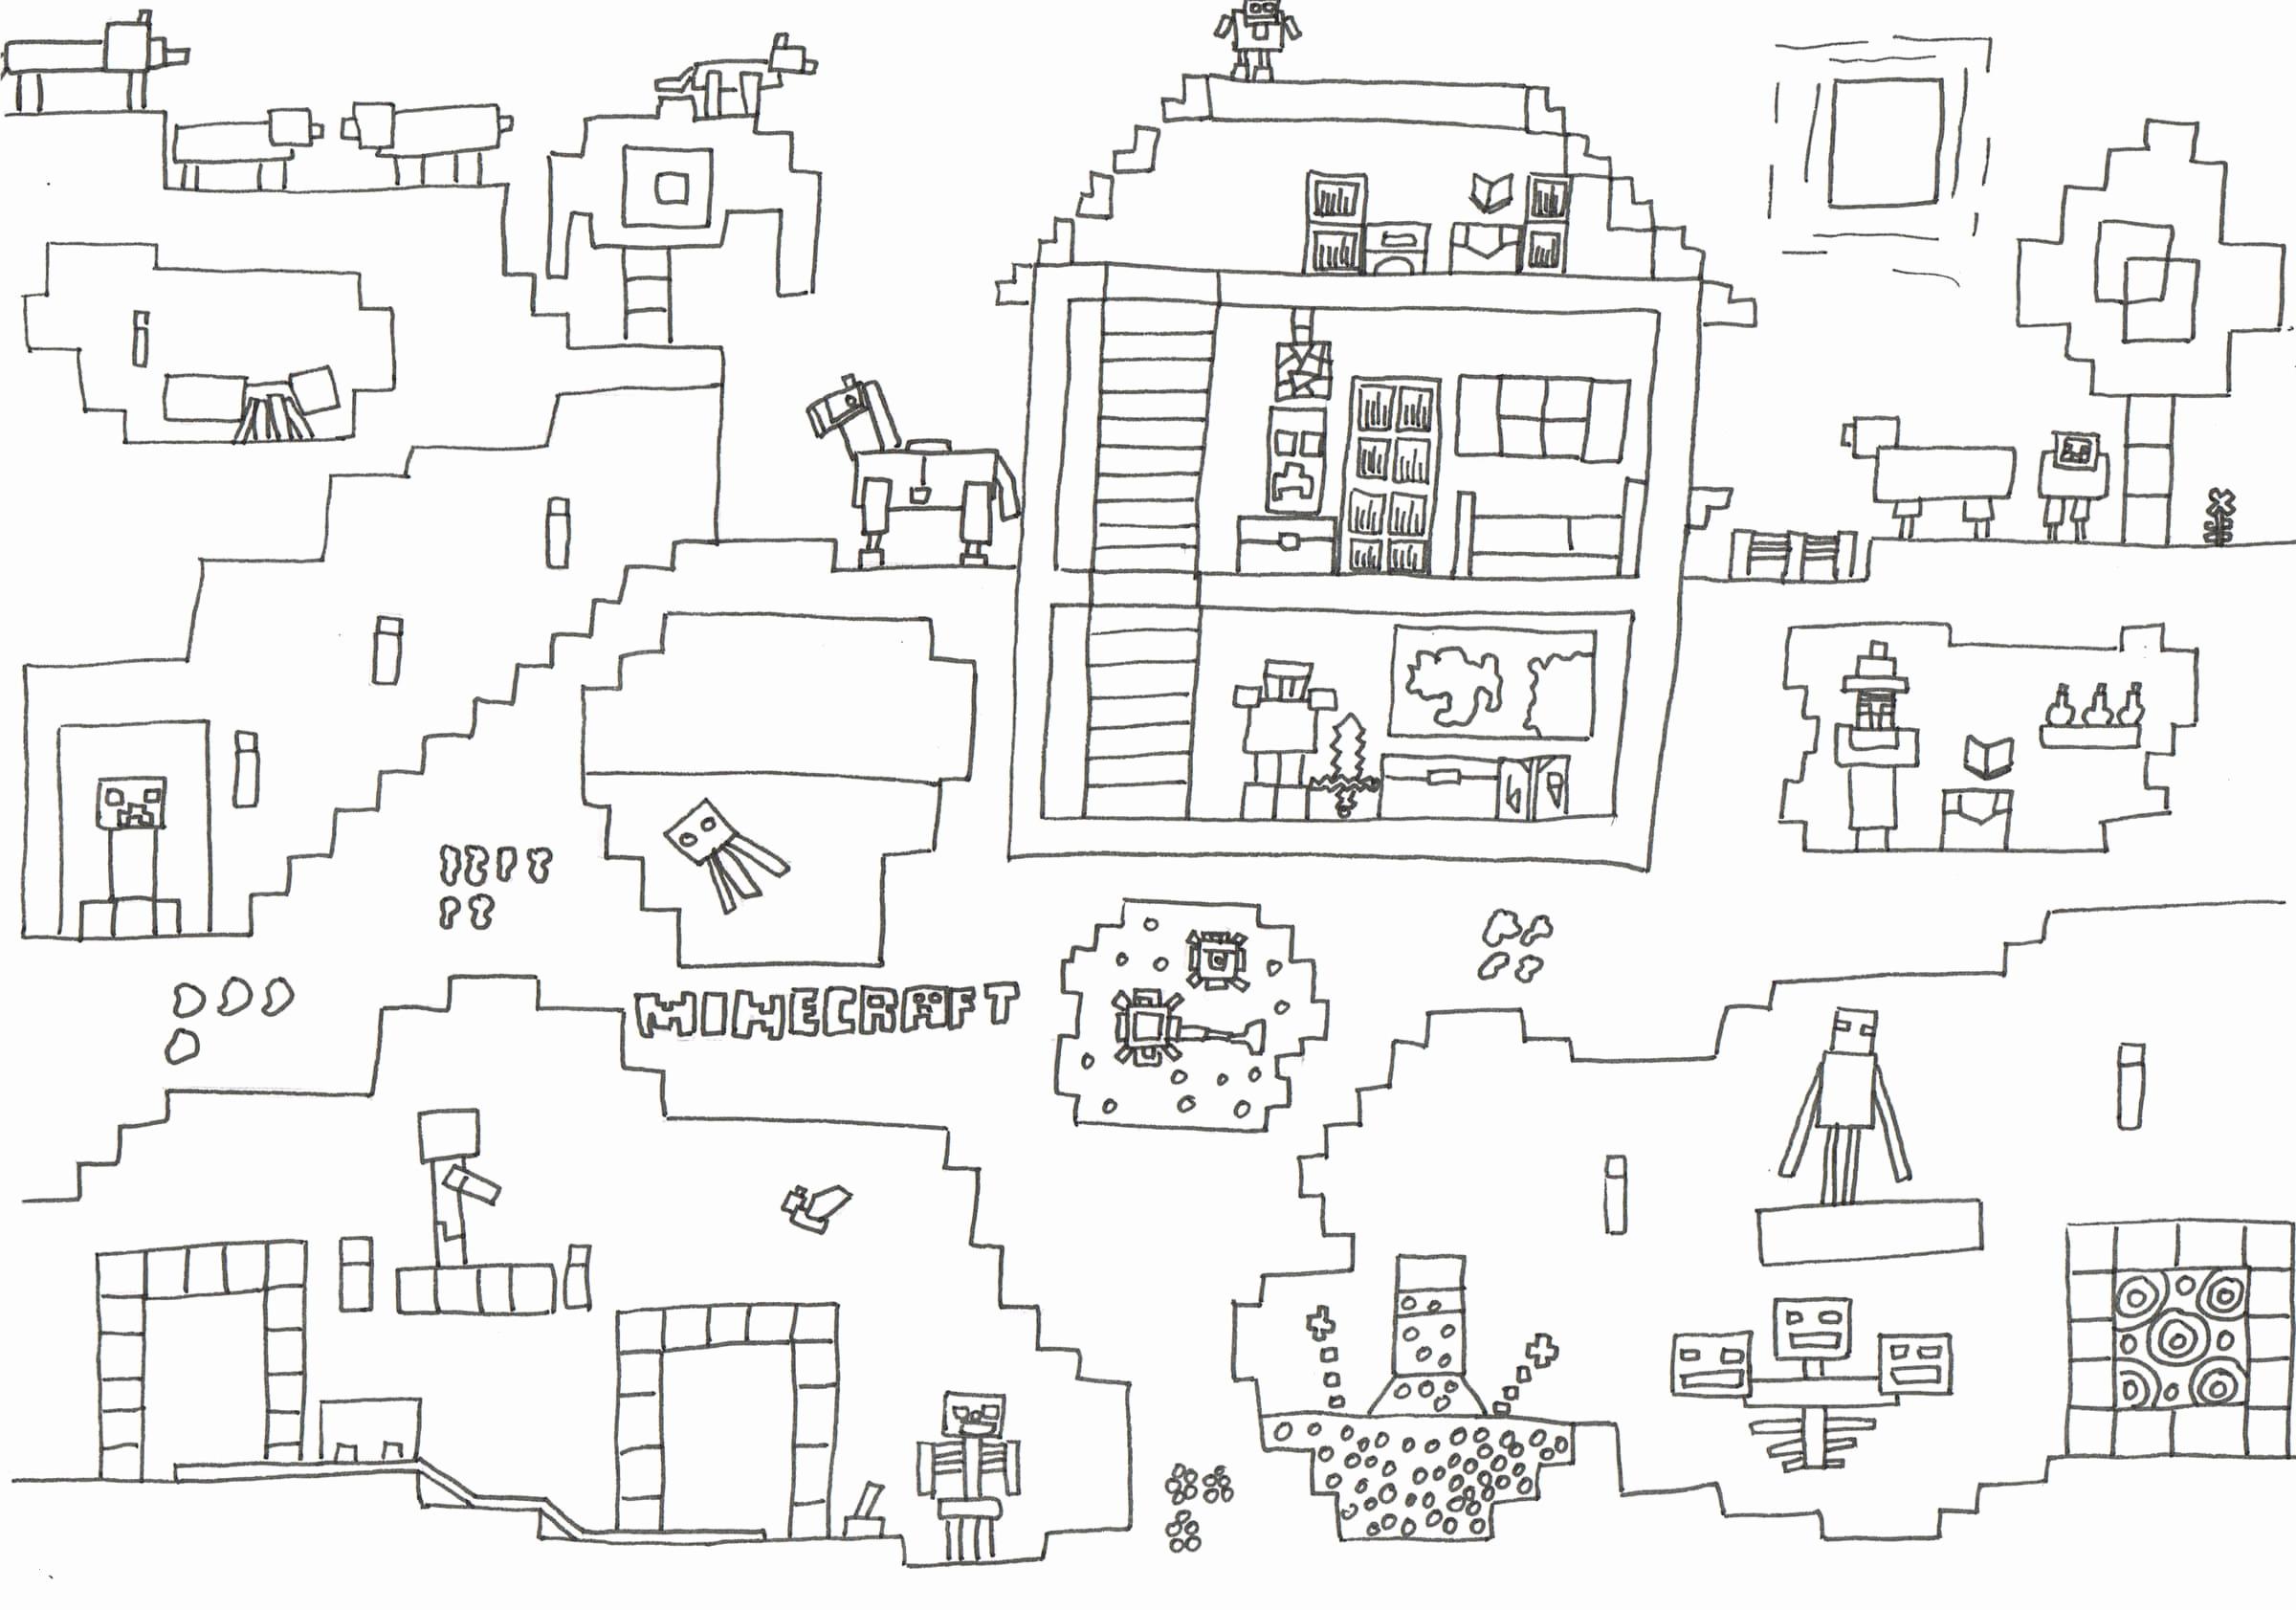 30 Beste Ausmalbilder Minecraft Zum Ausdrucken für Minecraft Ausmalbilder Zum Ausdrucken